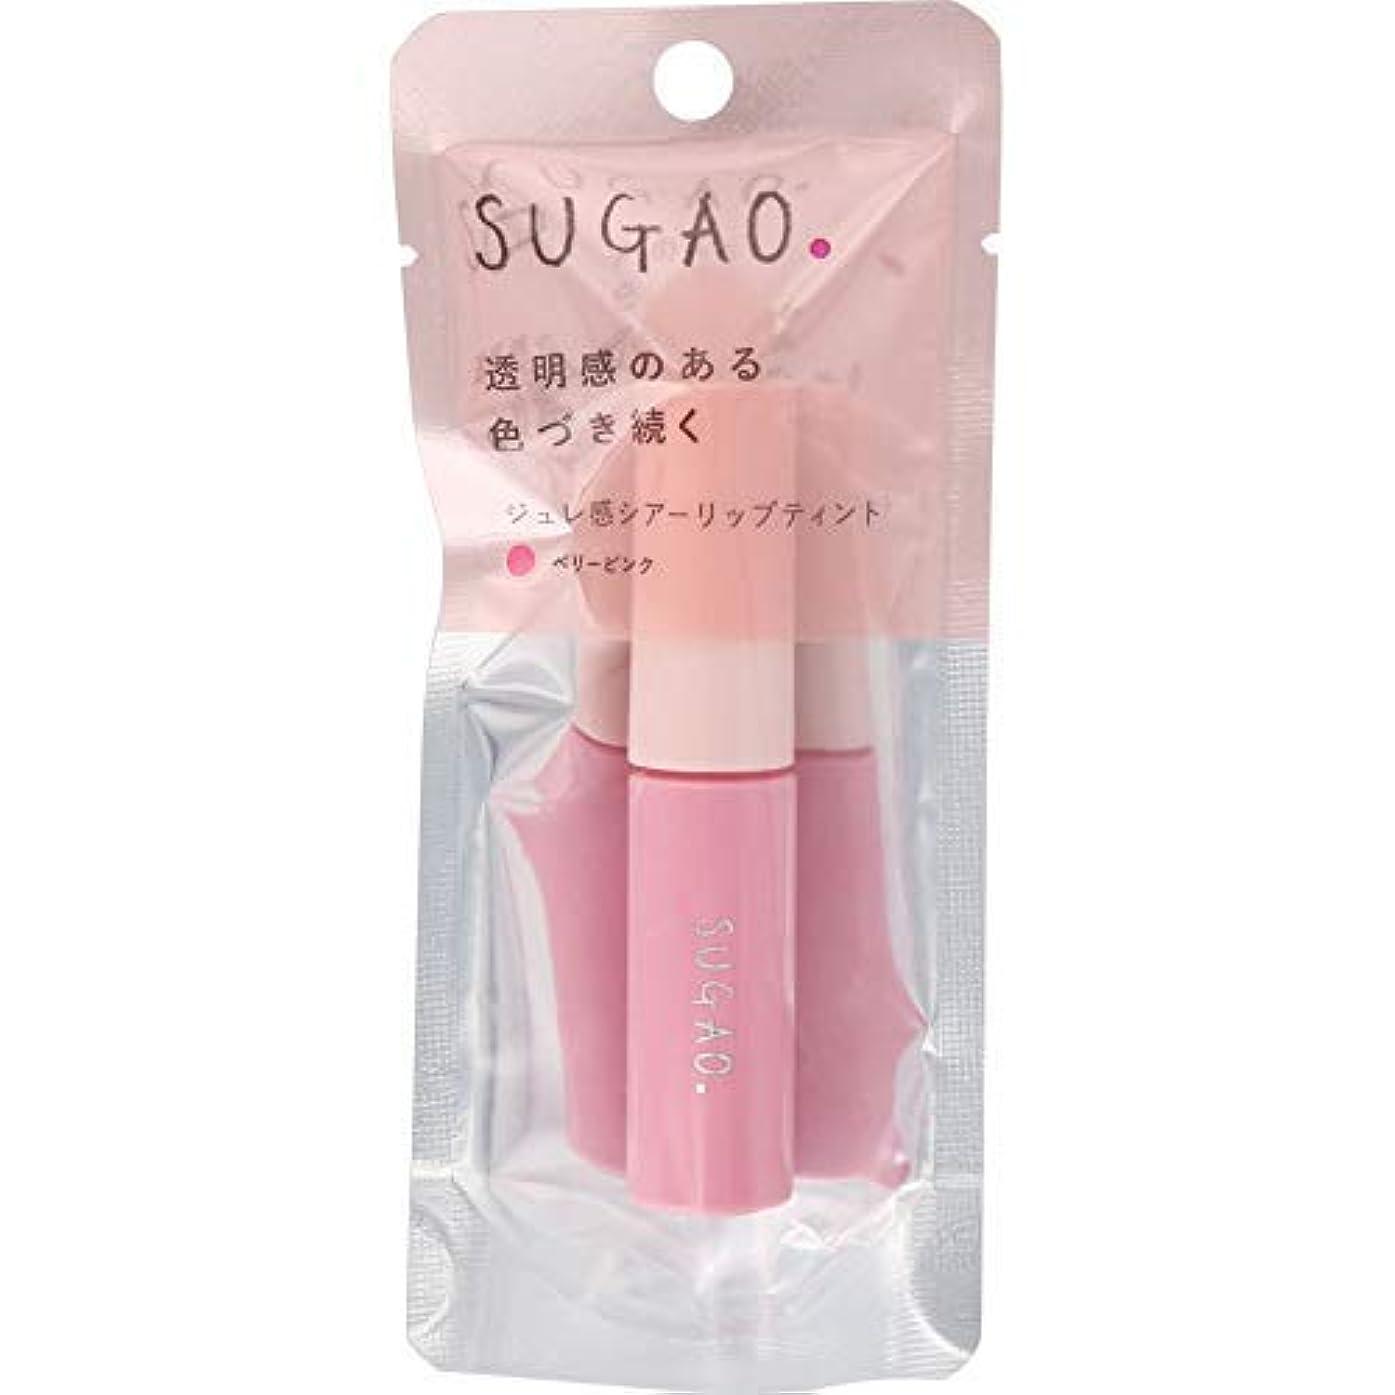 ミケランジェロ盗難変形するSUGAO ジュレ感シアーリップティント ベリーピンク × 12個セット